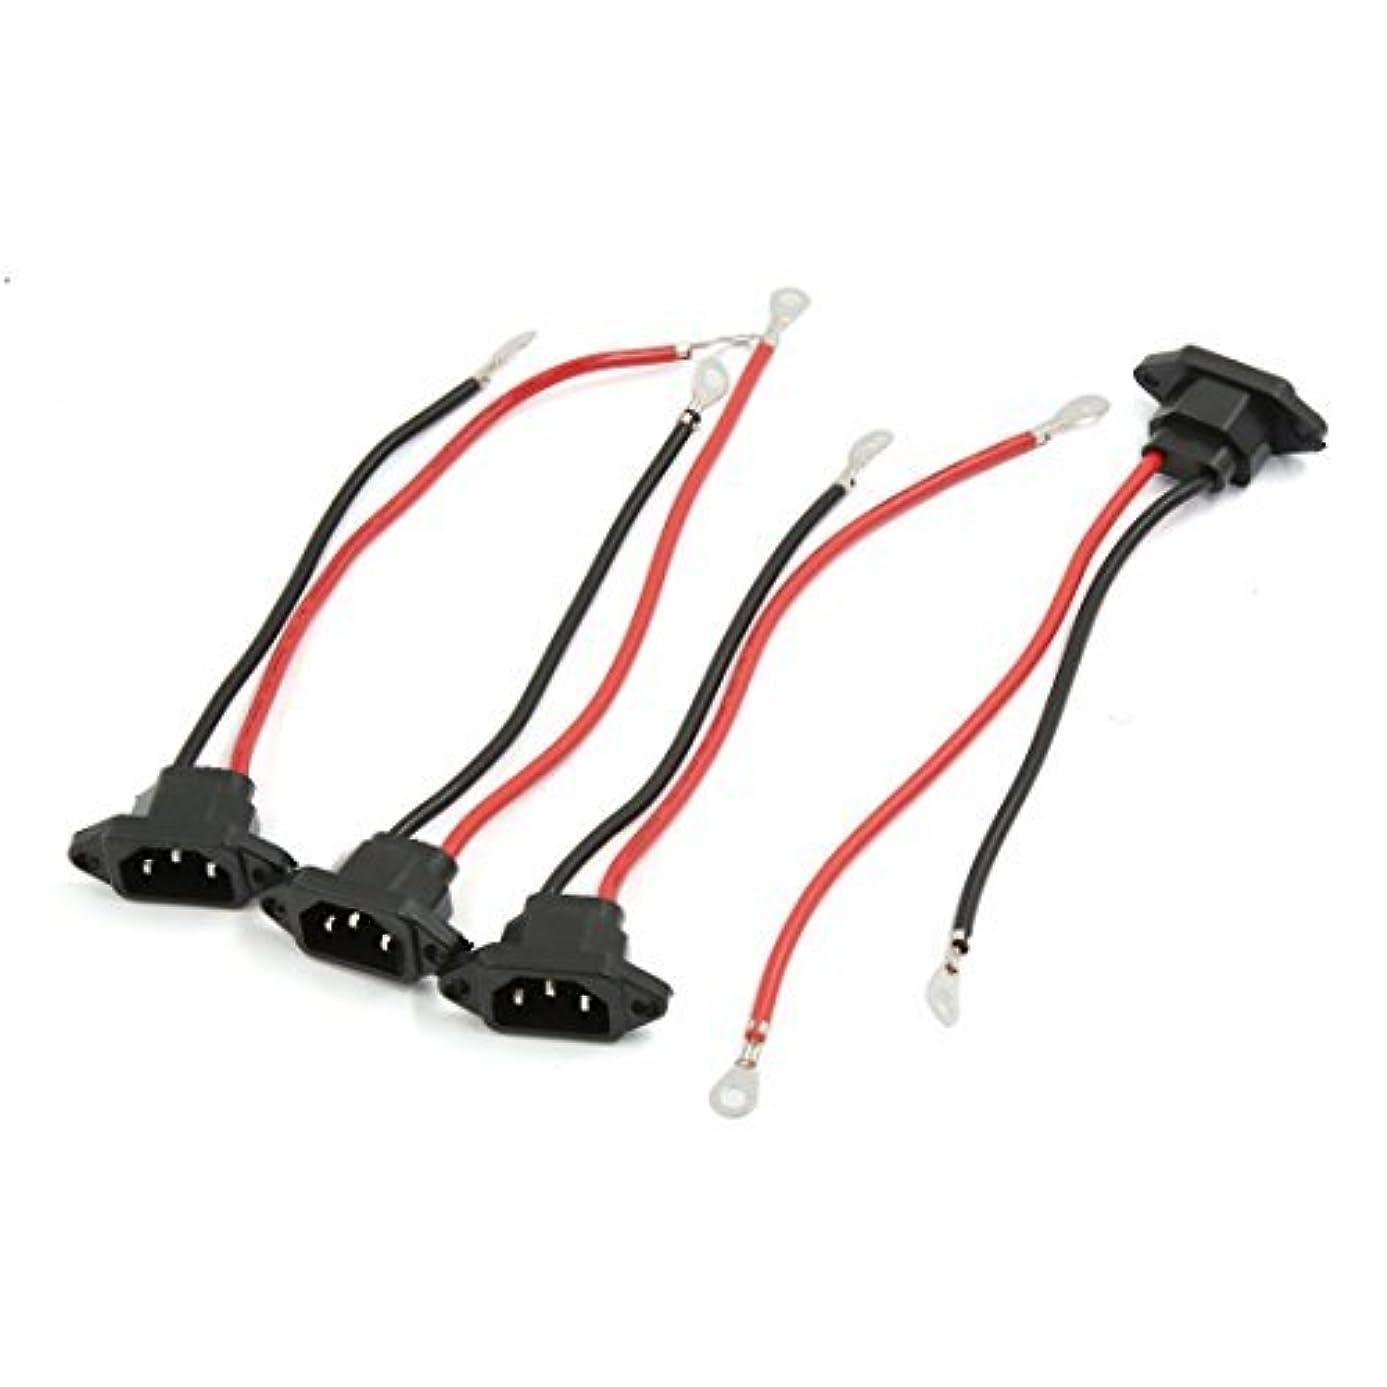 最近入場料スローガンアダプタ4本を充電DealMuxブラックシェル3つのターミナル2本のワイヤT修整電動自転車